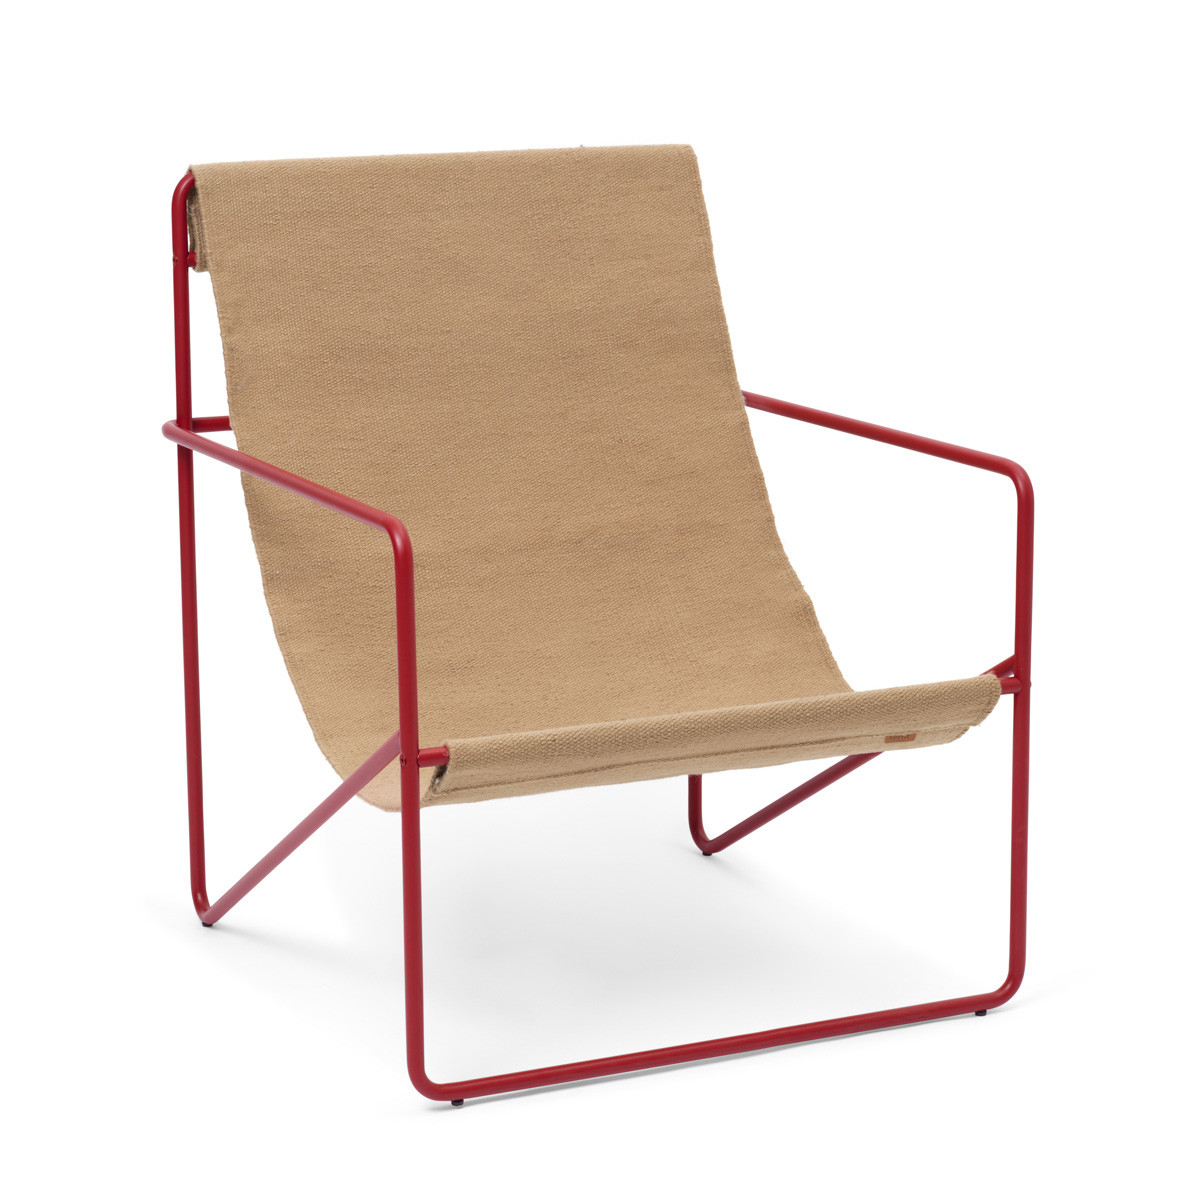 Ferm Living Desert Lounge Chair - Red Frame